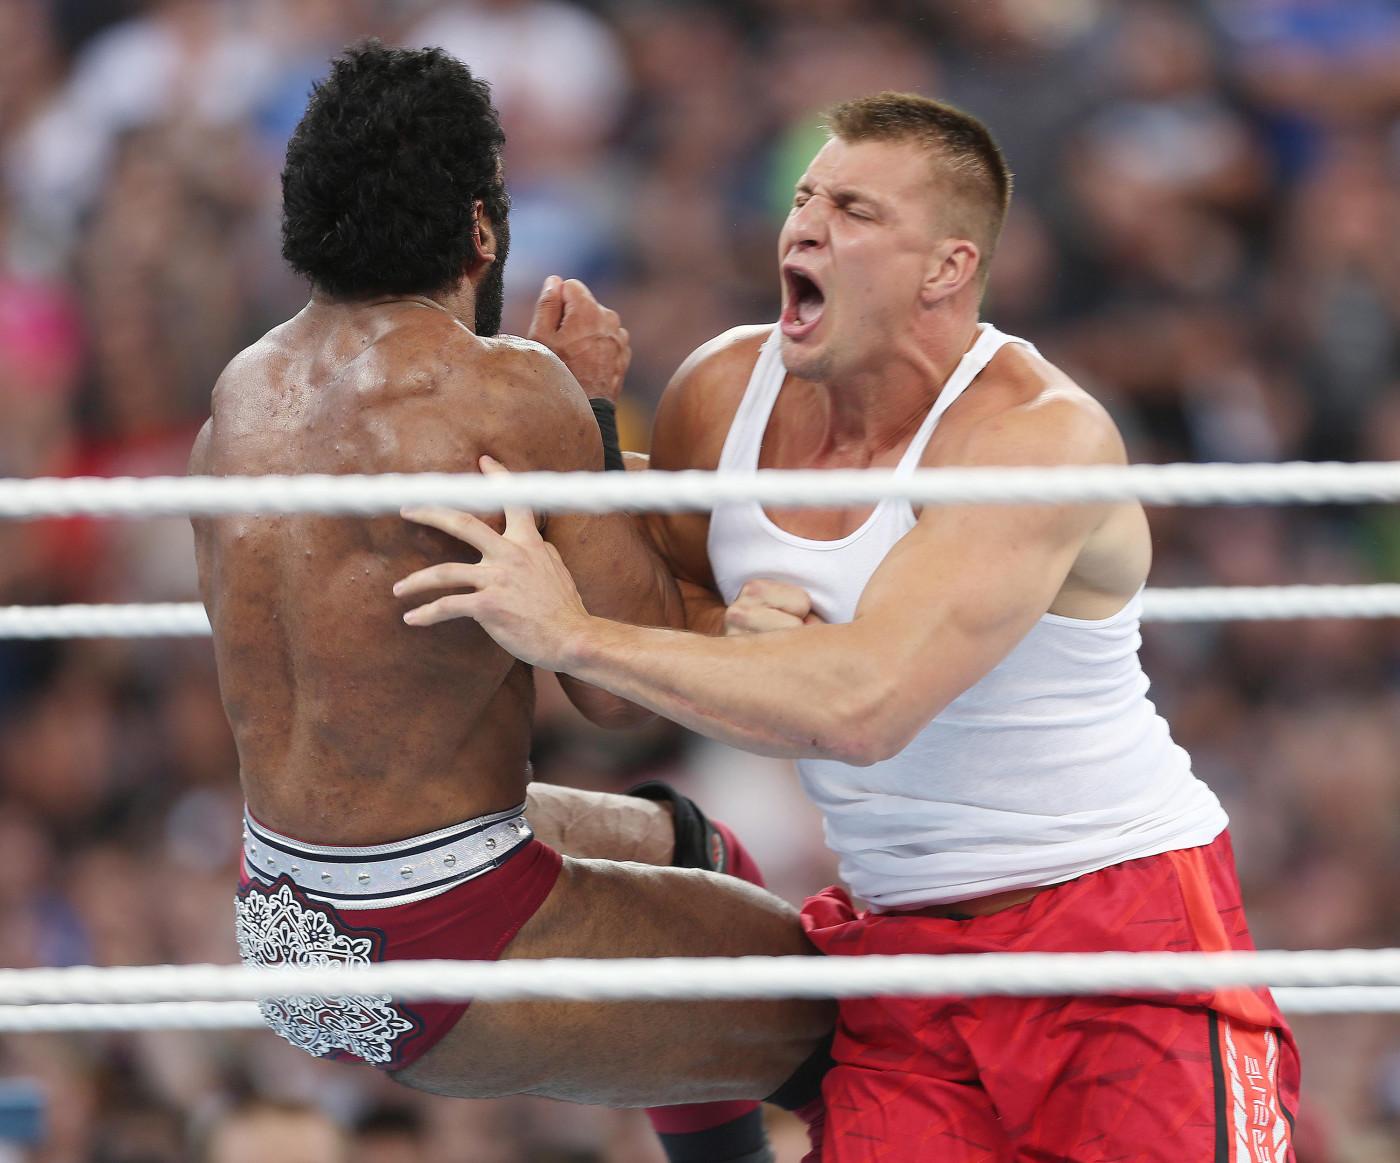 Rob Gronkowski WrestleMania 33 Orlando 2017